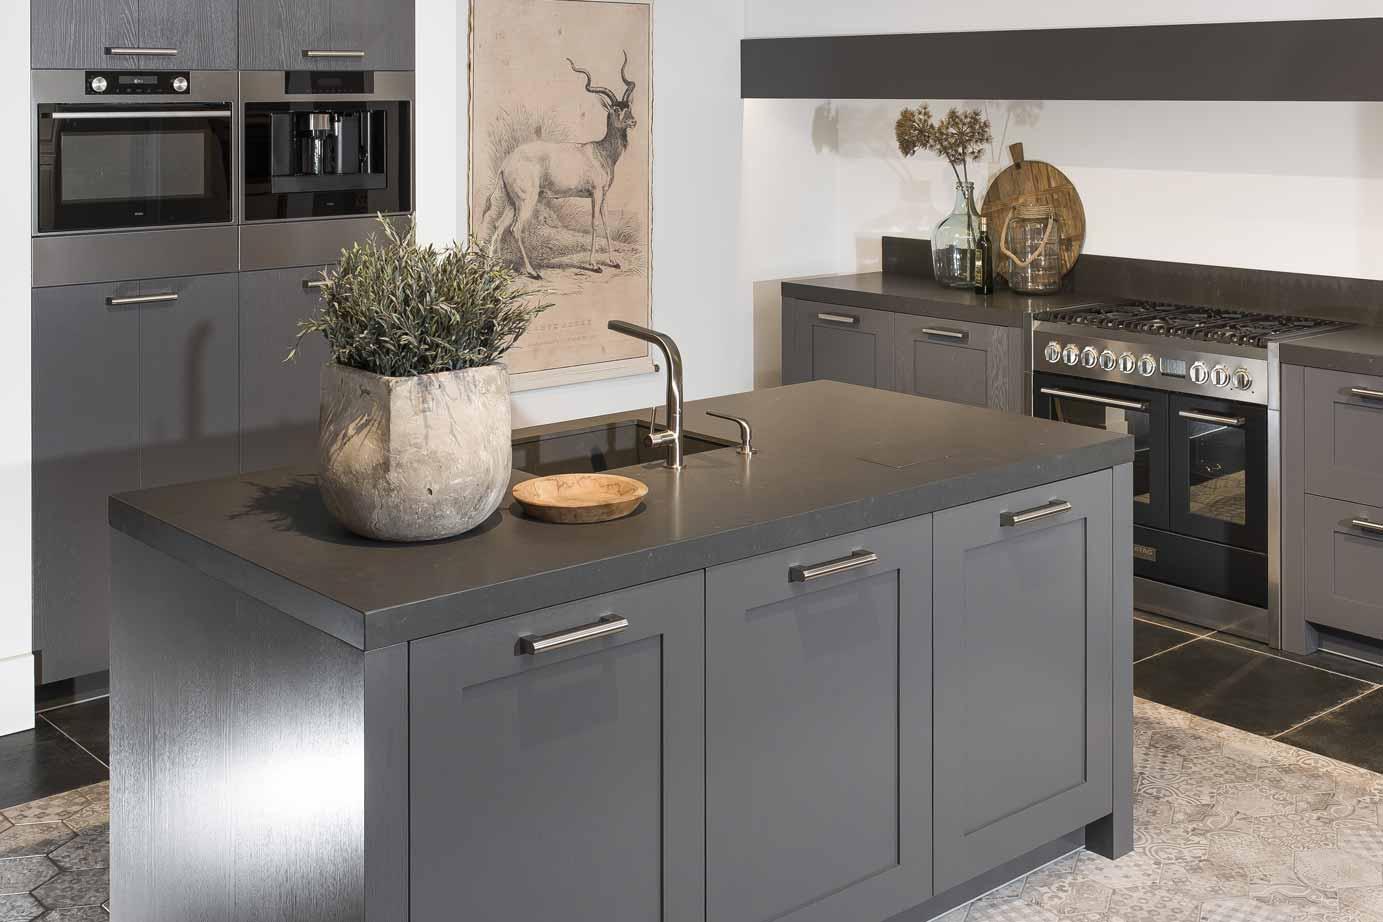 Kies de keuken kleur die bij u past bekijk voorbeelden db keukens